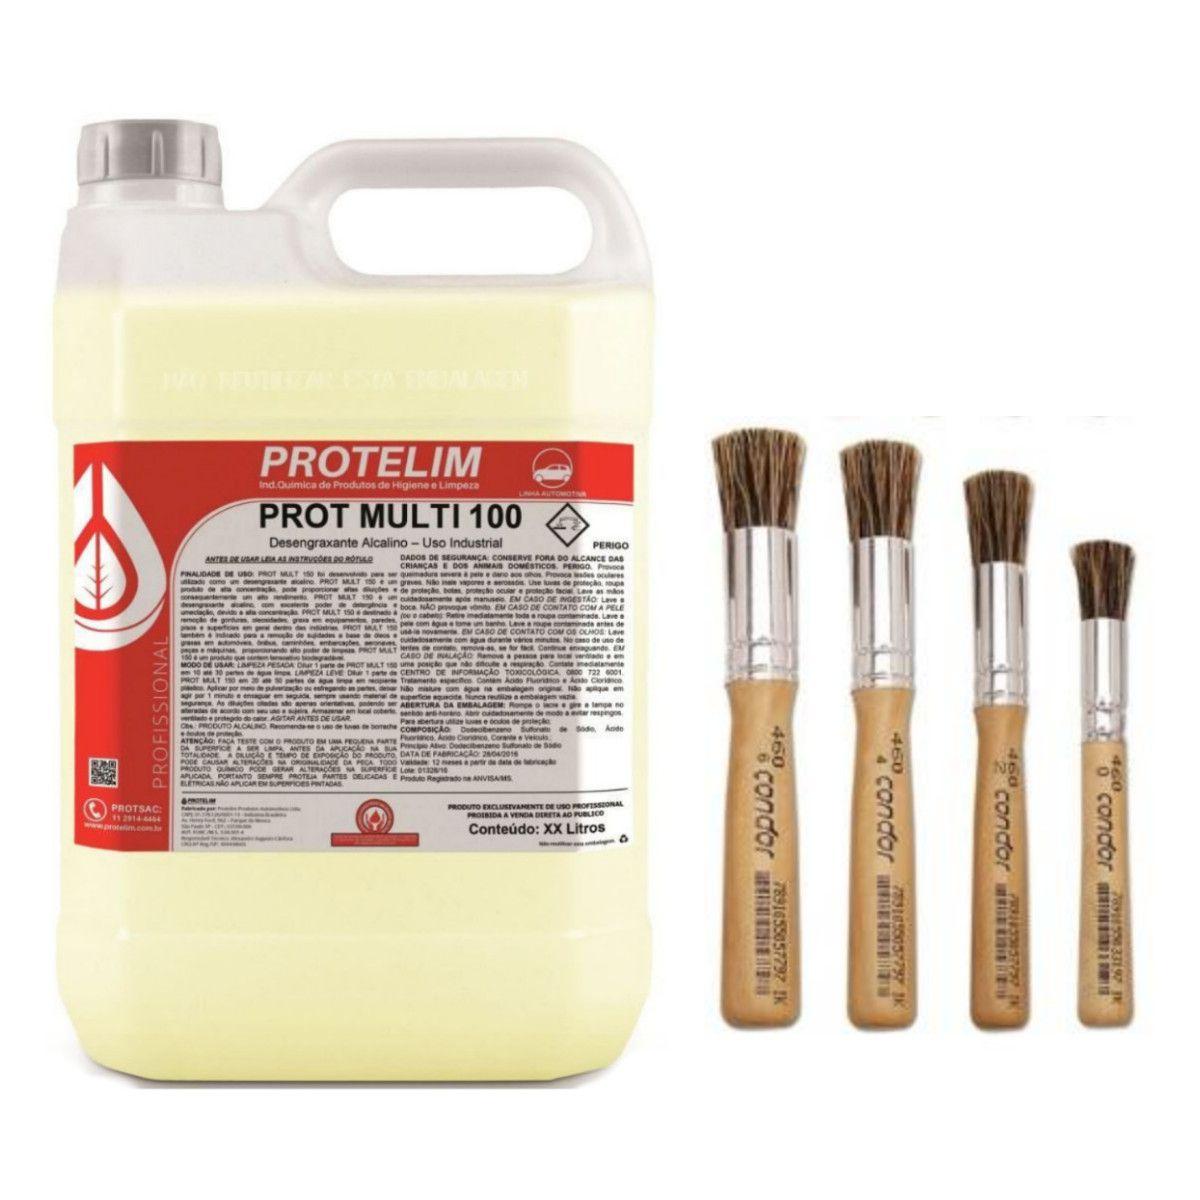 Prot Mult 100 Protelim + Kit De Pinceis Detailer